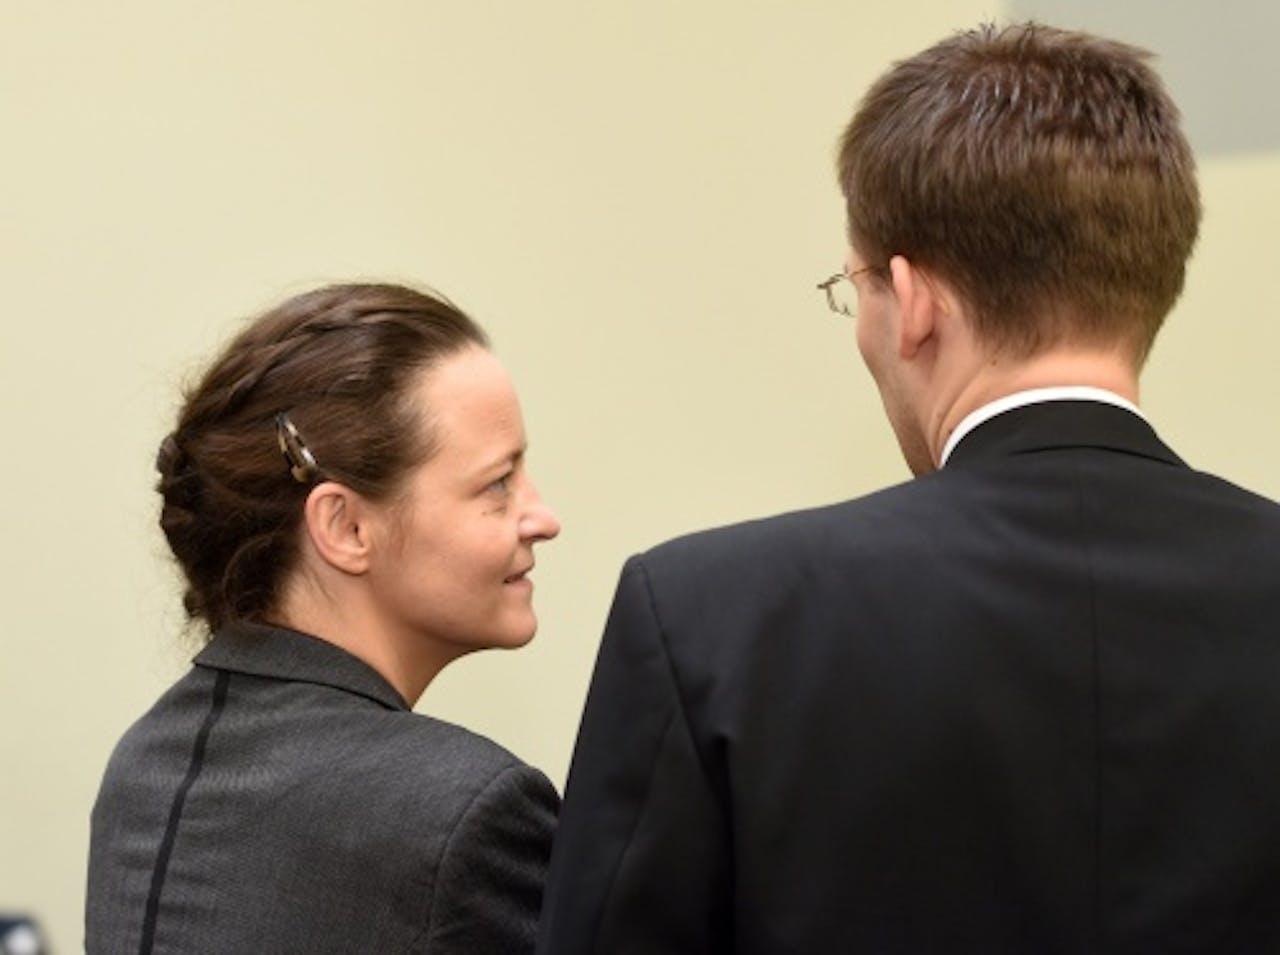 Beate Zschäpe (L) en advocaat Matthias Grasel. ANP